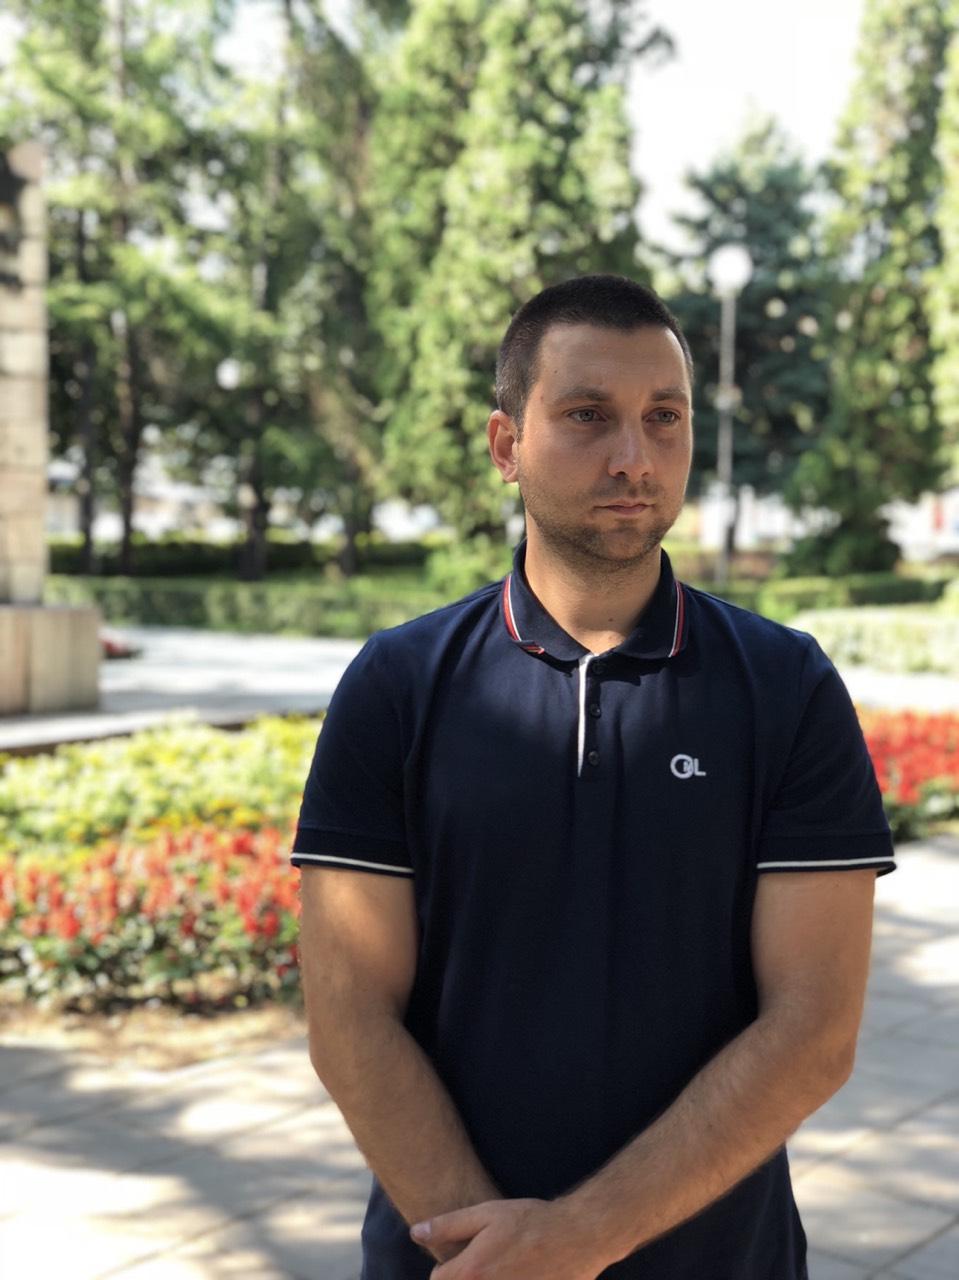 Miroslav Marković prilikom posete parku i radovima u ulici Bore Price, foto: N.S. / Svrljiške novine